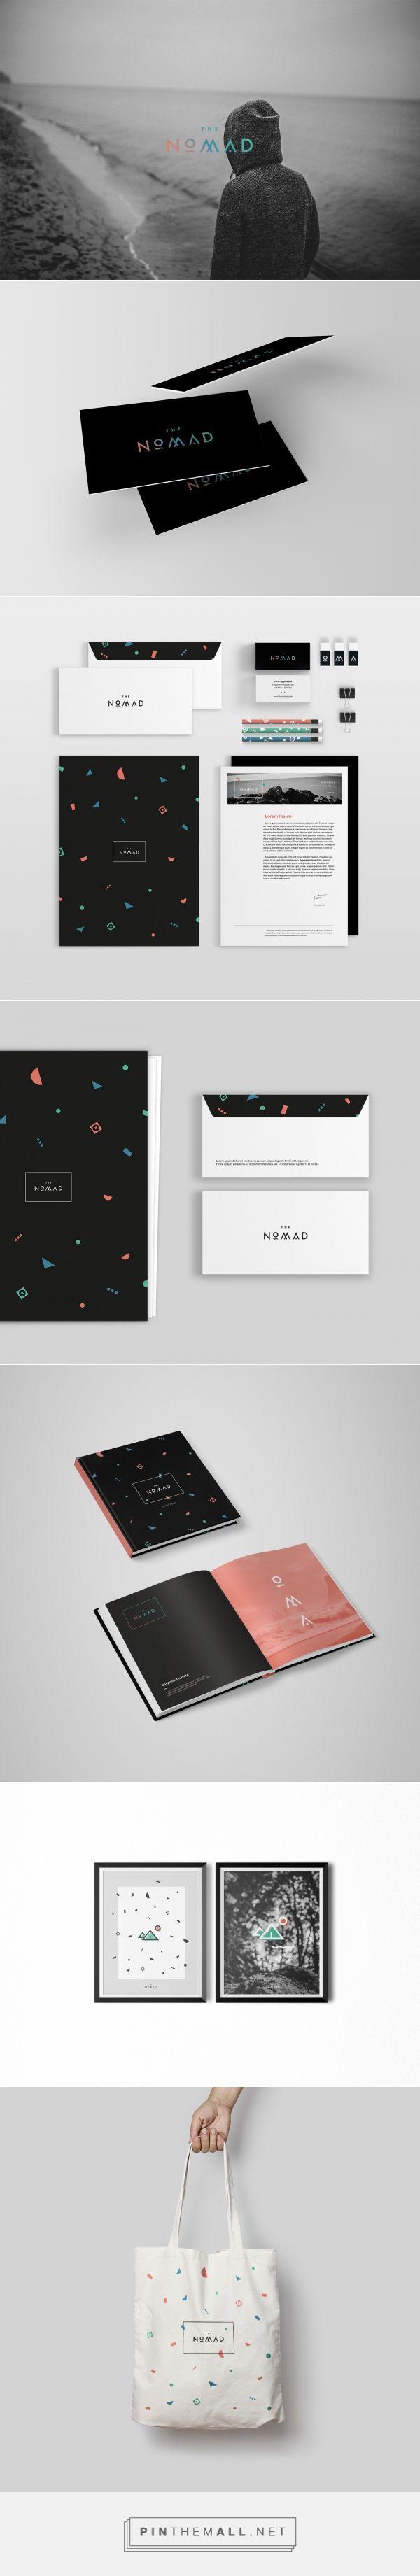 The Nomad | Branding on Behance  | Fivestar Branding – Design and Branding Agency & Inspiration Gallery